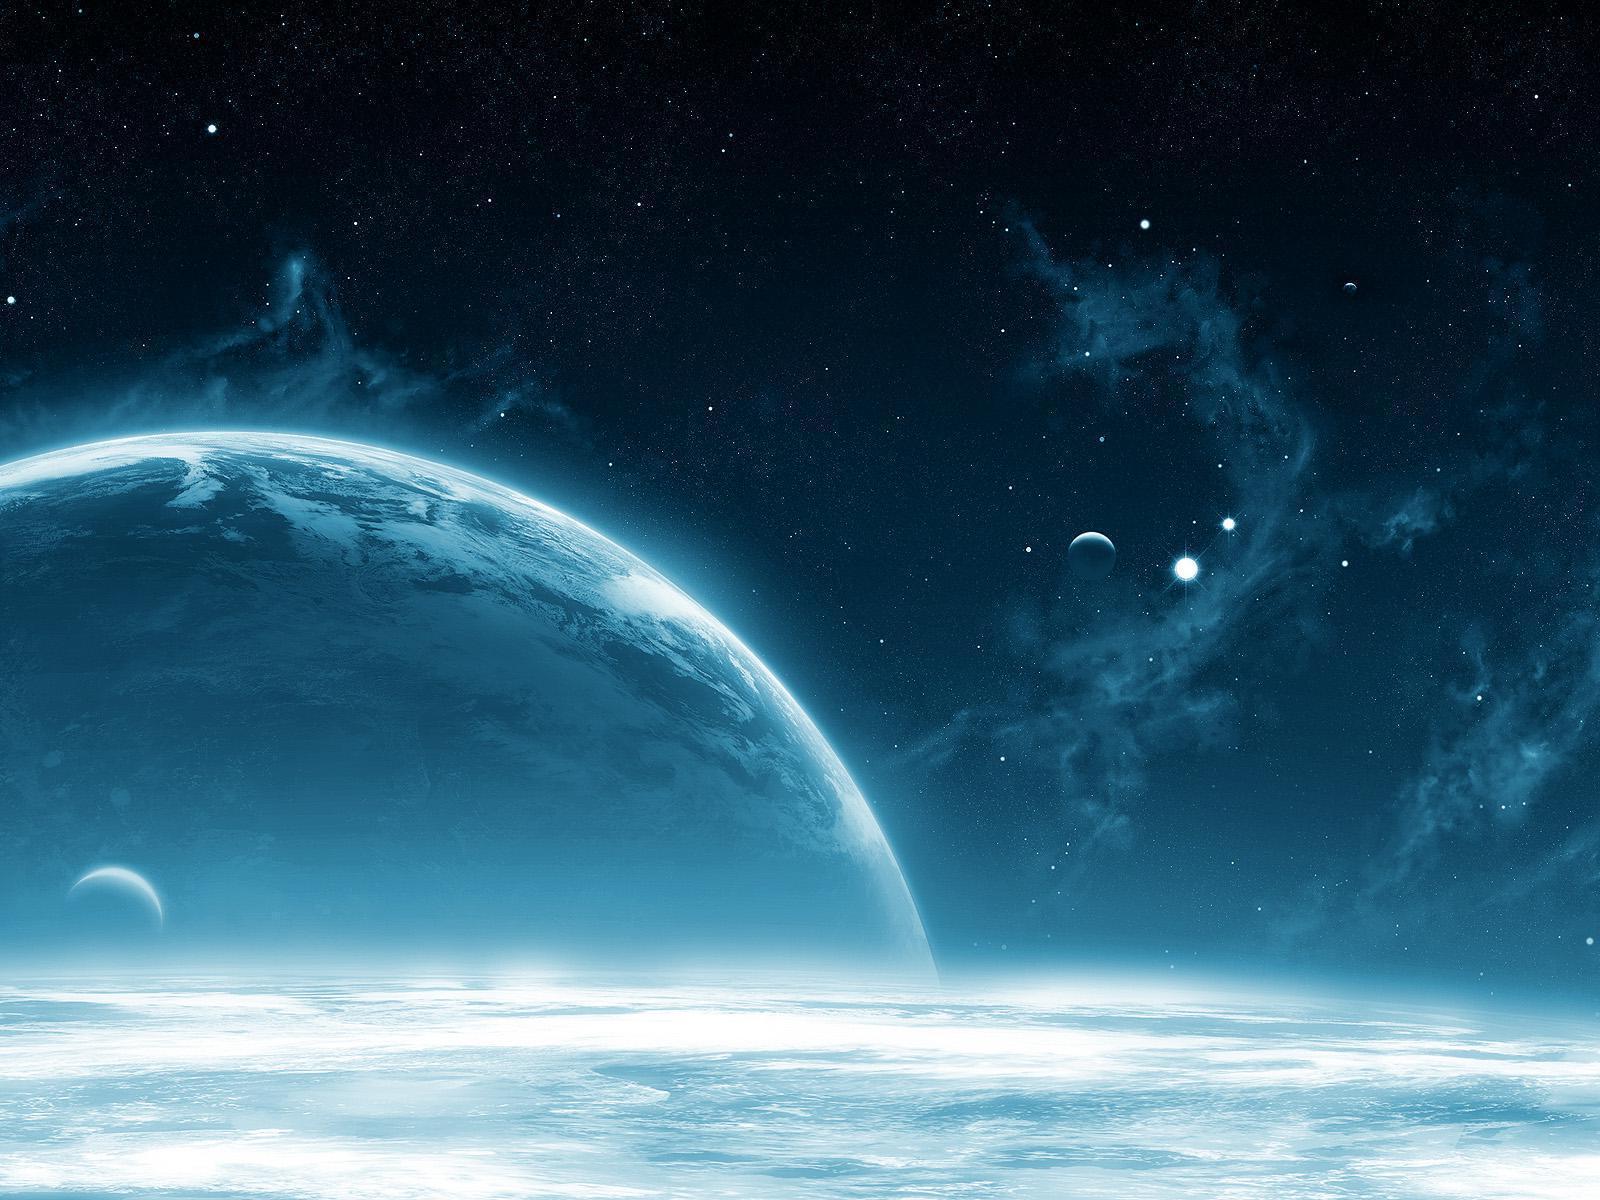 http://1.bp.blogspot.com/-NPbQXBTD2HI/UDNaEkRpgDI/AAAAAAAAHGA/bM-KwF9xKUg/s1600/space-wallpaper-17.jpg